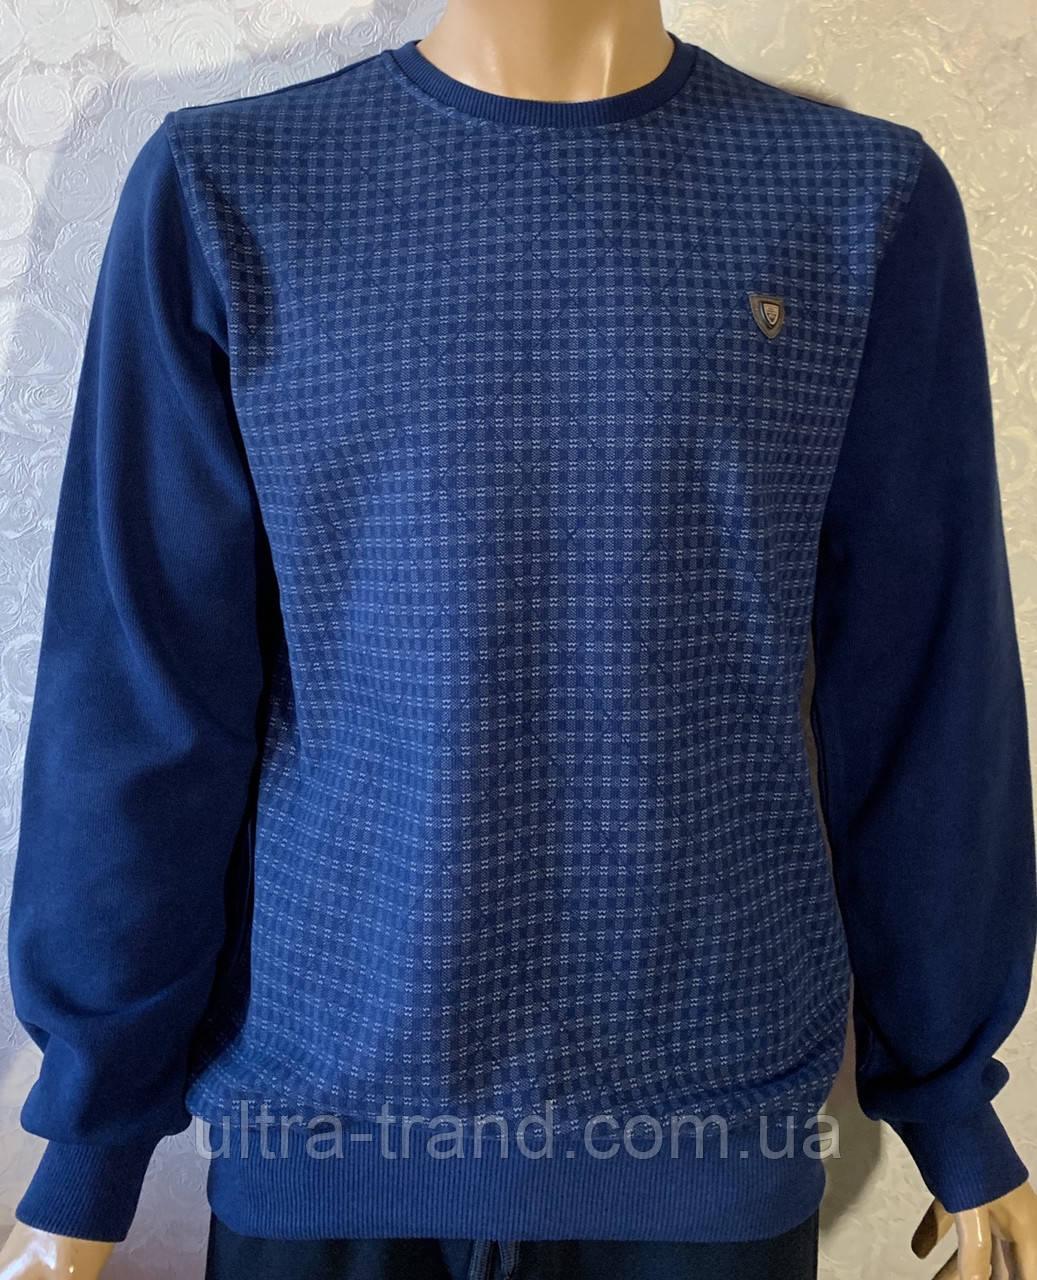 dd1732900a6c5 Качественные турецкие мужские свитера свитшоты - Интернет магазин Ultra- Trend в Харькове